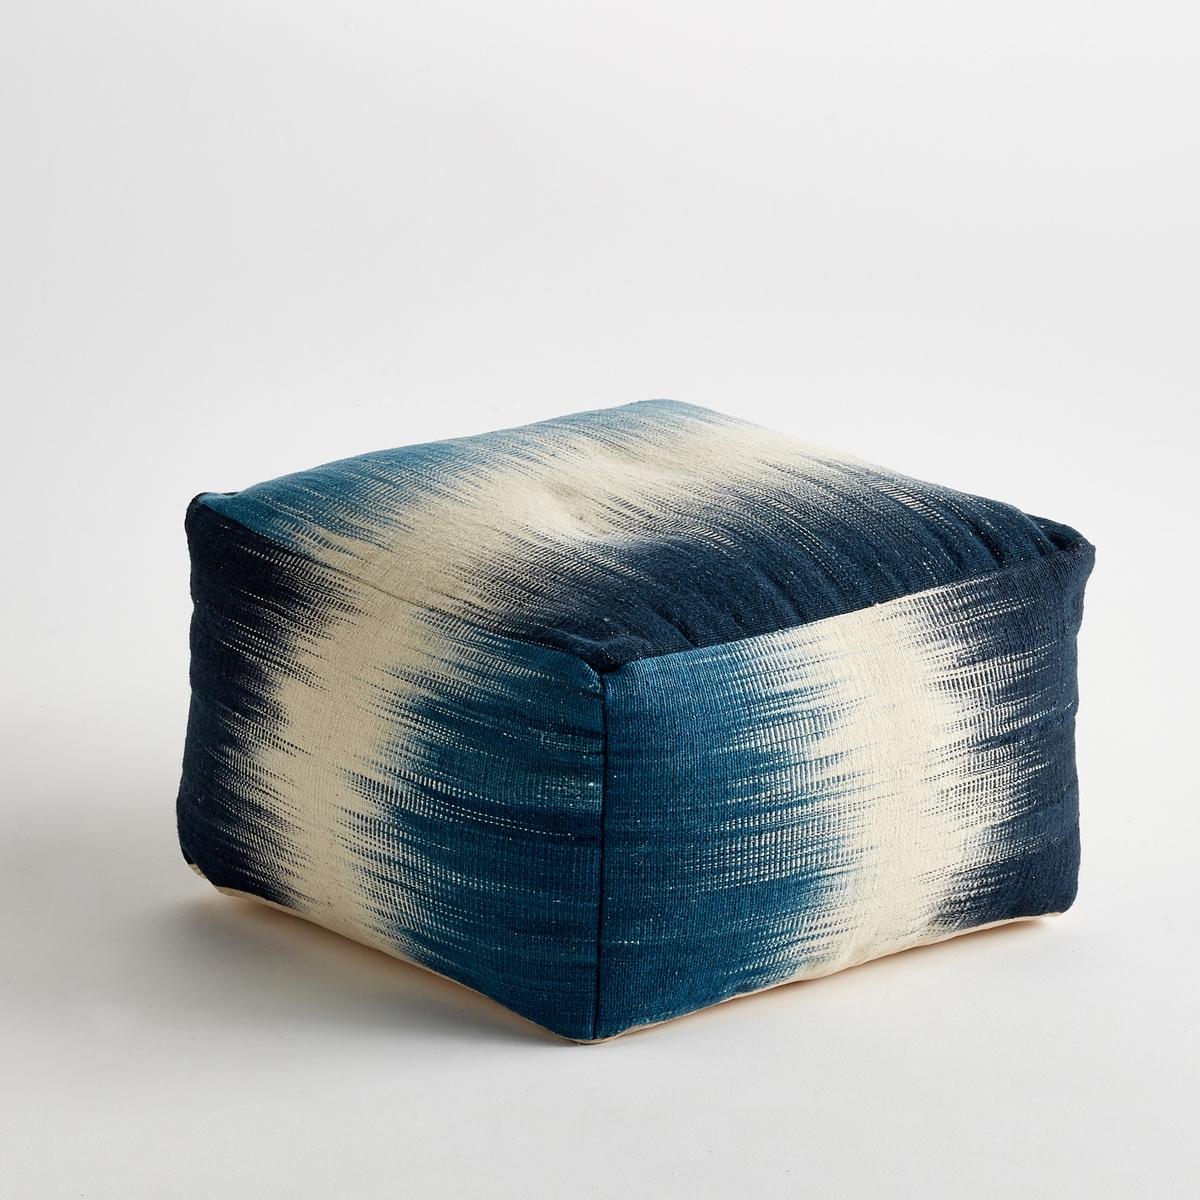 Пуф MevelХарактеристики :- Обшивка 80% шерсти, 20% хлопка-  Бескаркасный пуф полностью состоит из ткани- Наполнен шариками из полистиролаРазмеры  : - Д60 x В33 x Г60 см<br><br>Цвет: синий